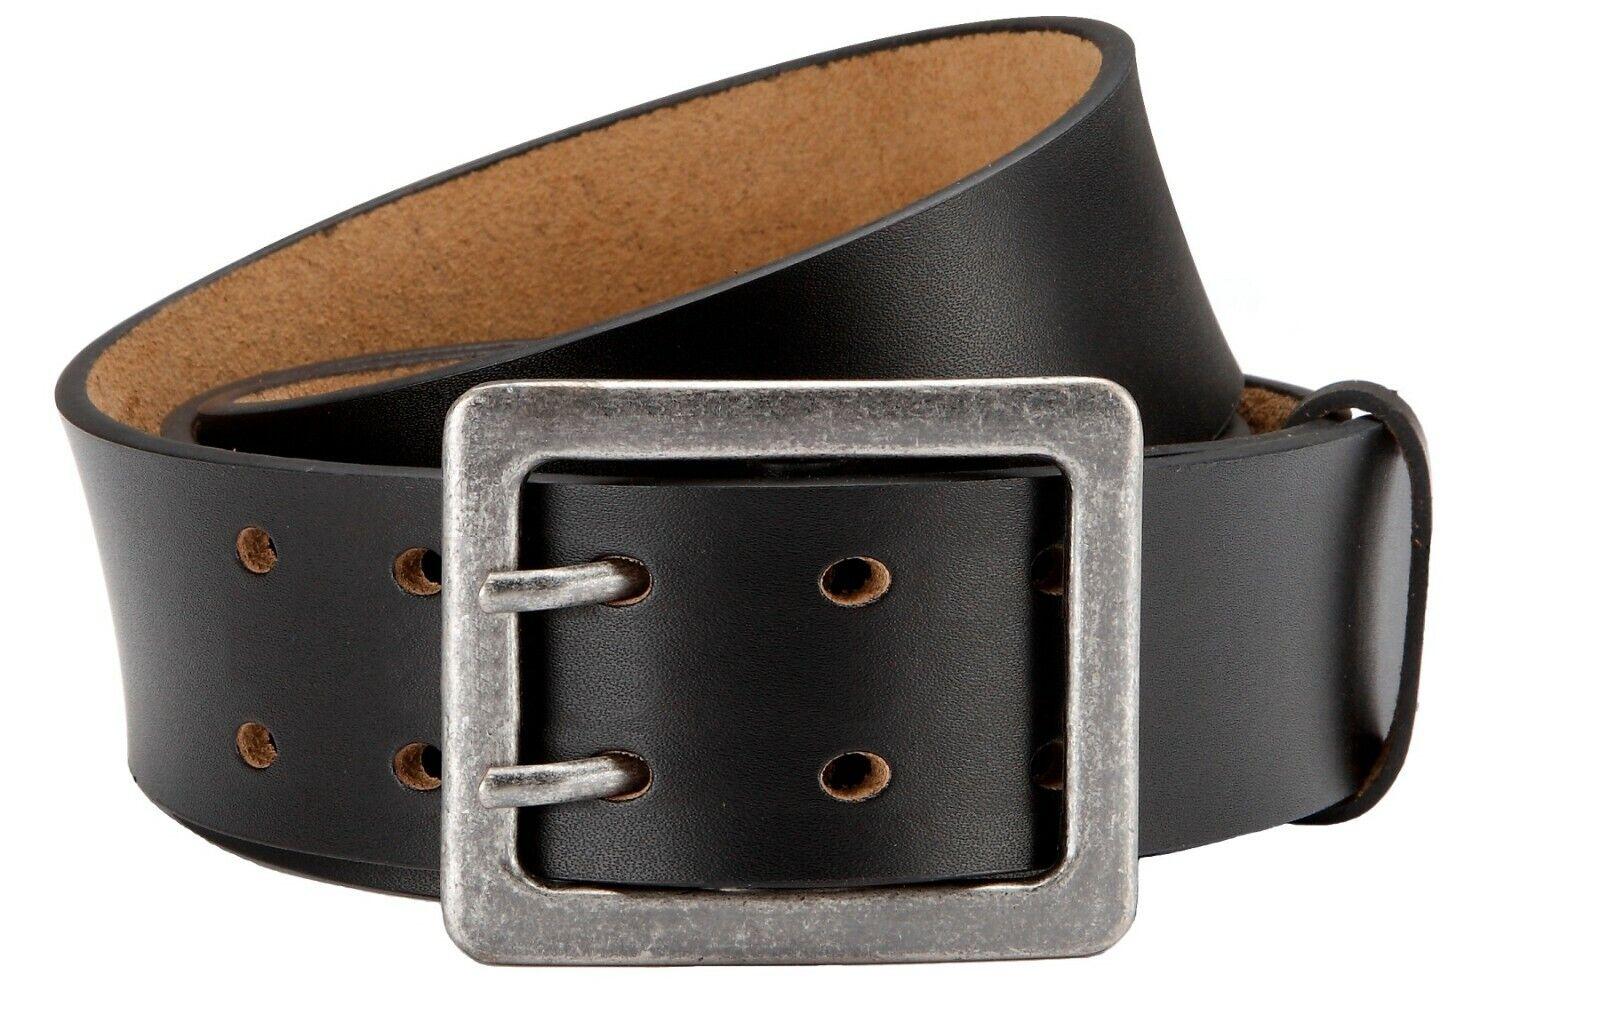 Herren Ledergürtel Schwarz mit Doppeldorn-Schließe   4,5 cm Breite Jeansgürtel